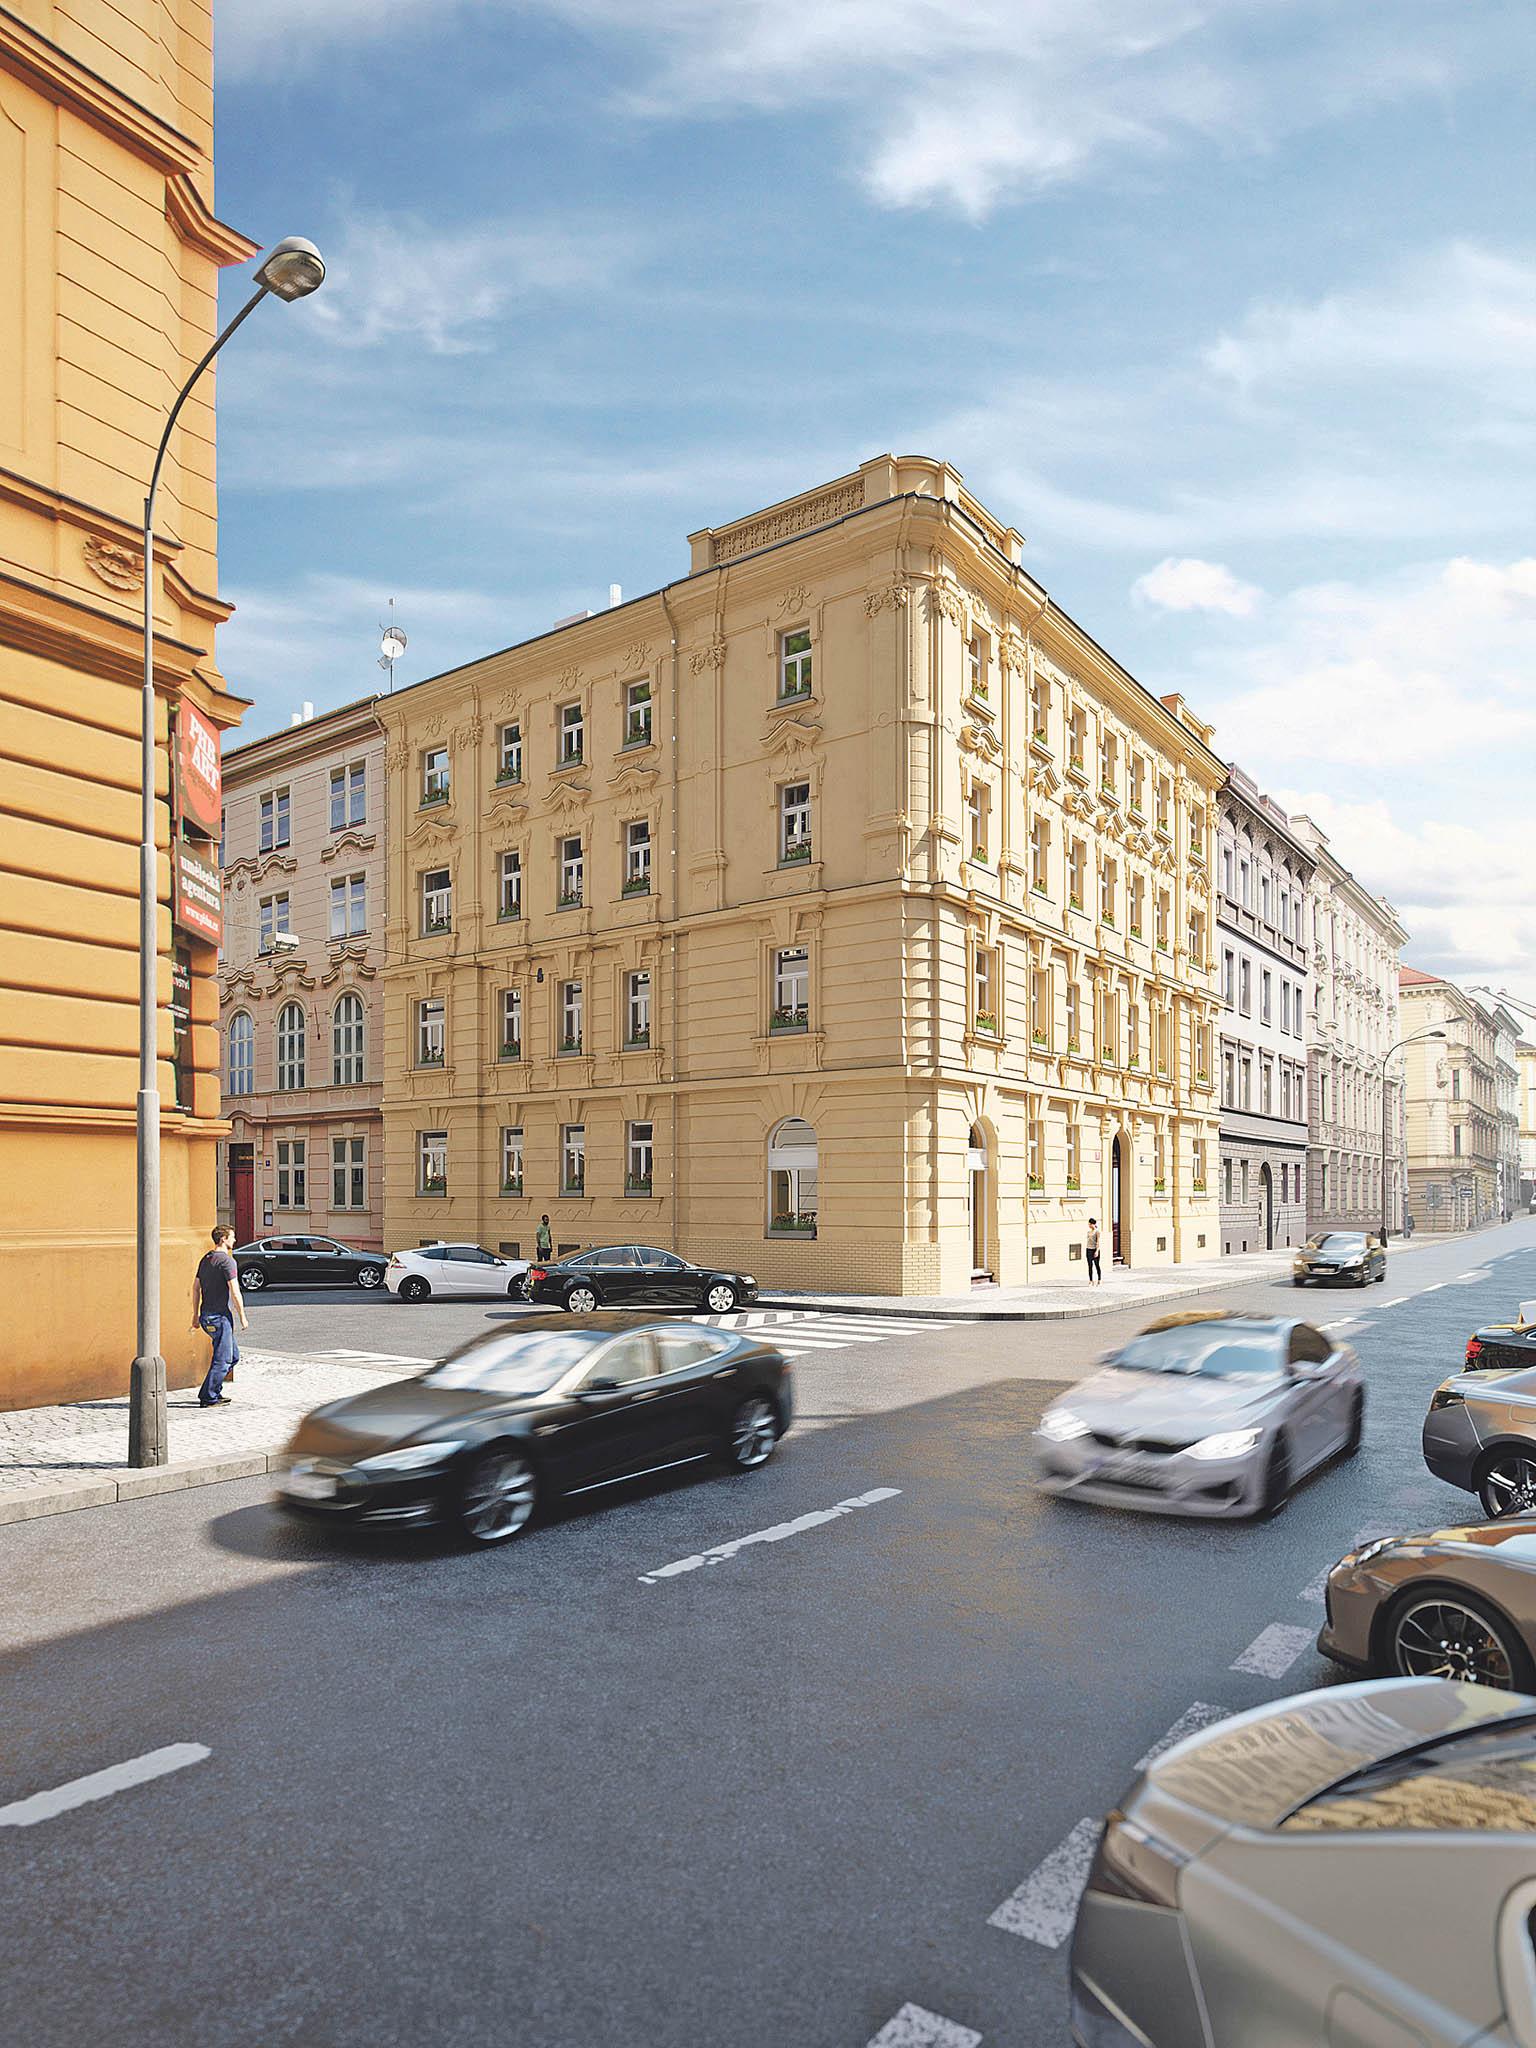 Nakompletnírekonstrukce domů určených pro nájemní bydlení se vPraze zaměřuje například Zeitgeist Asset Management.